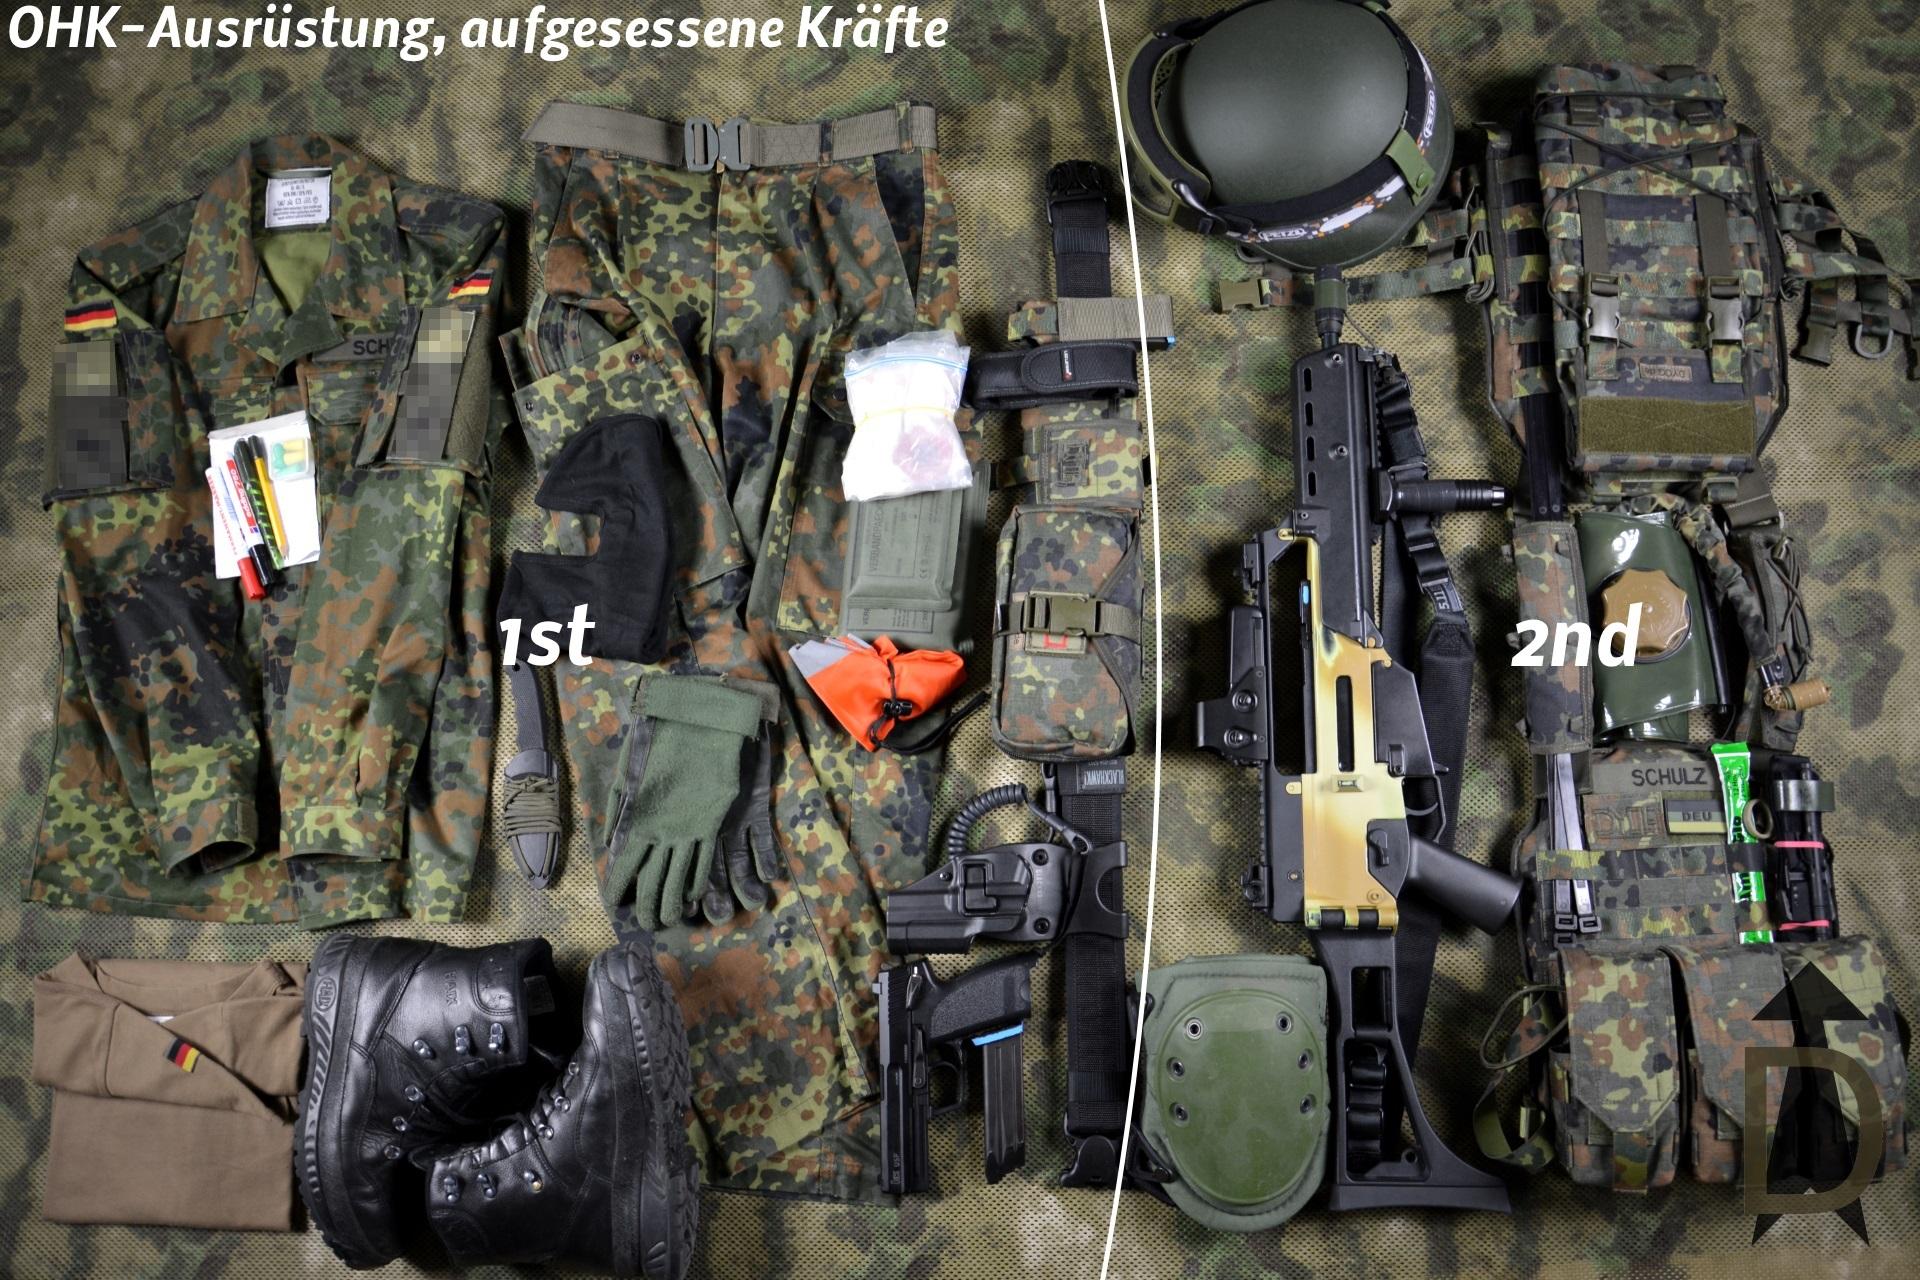 Orts- und Häuserkampf-Ausrüstung, aufgesessene Kräfte